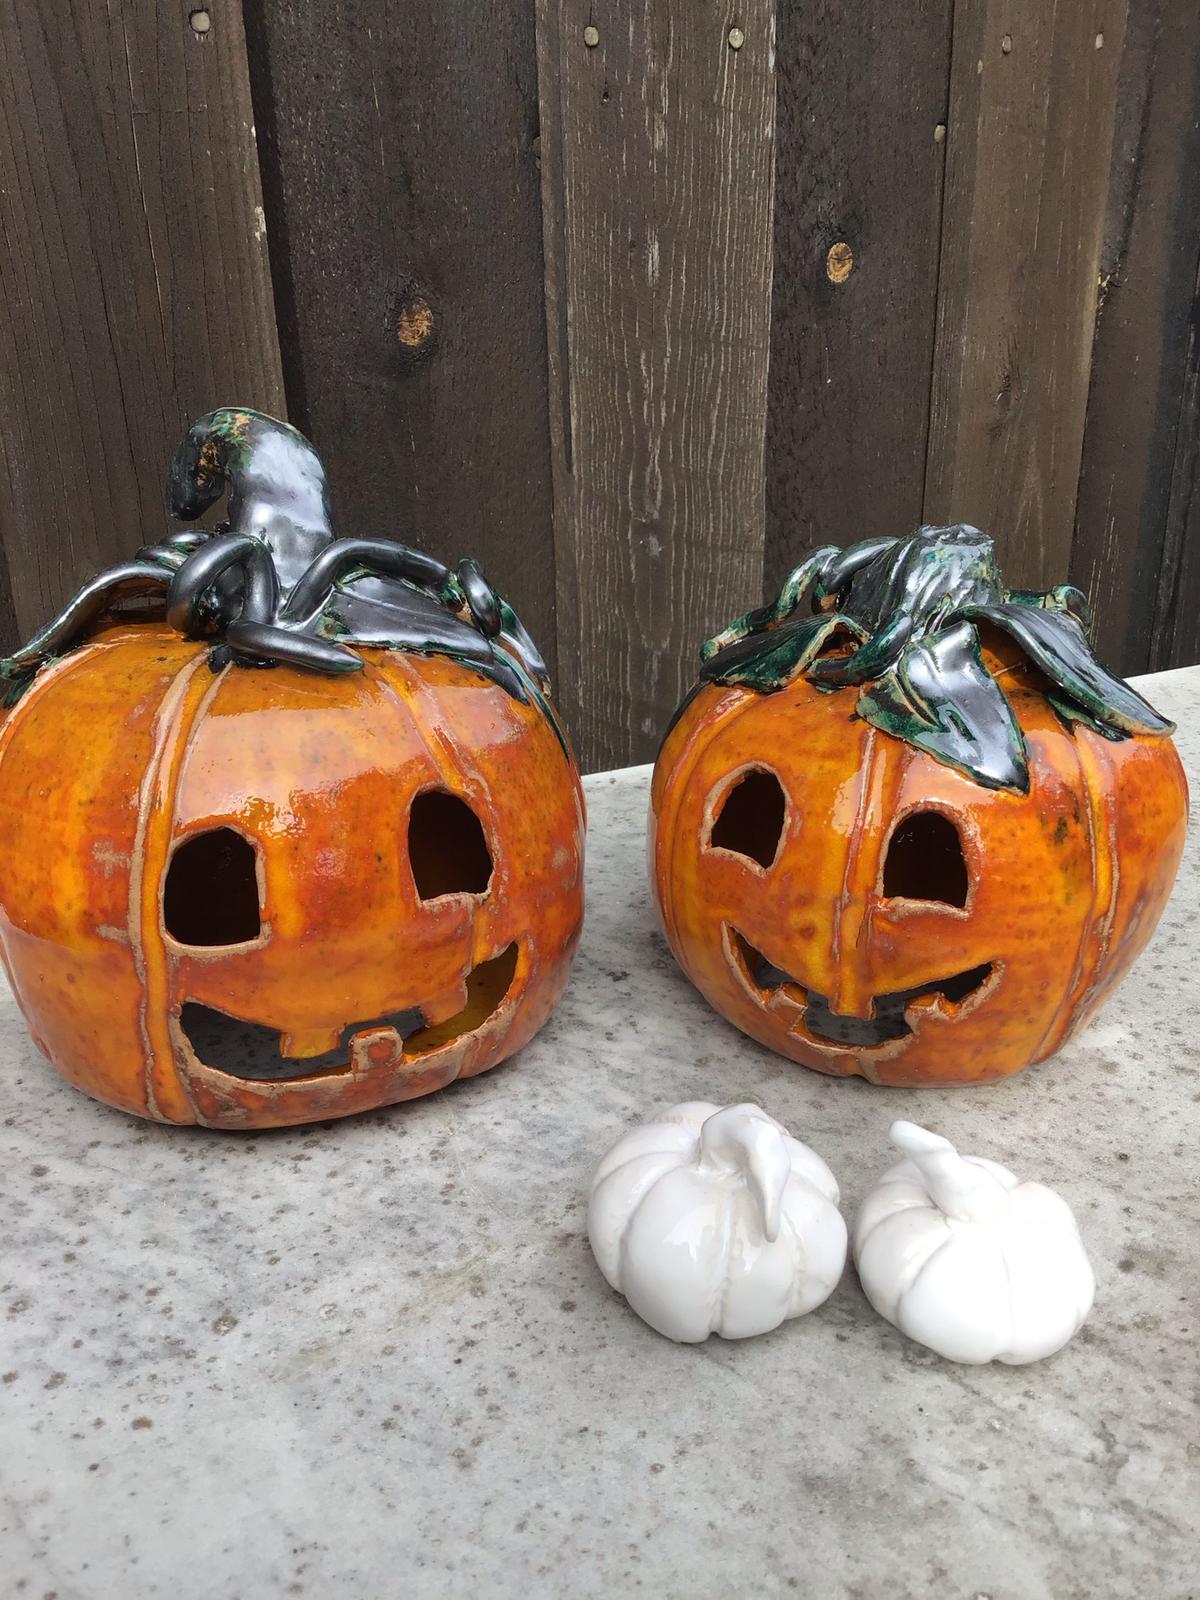 Två stycken pumpor i keramik glaserade i orangeglasyr och med stjälk och blad i grönsvart glasyr. Framför står två små vitlökar i keramik med vit glasyr